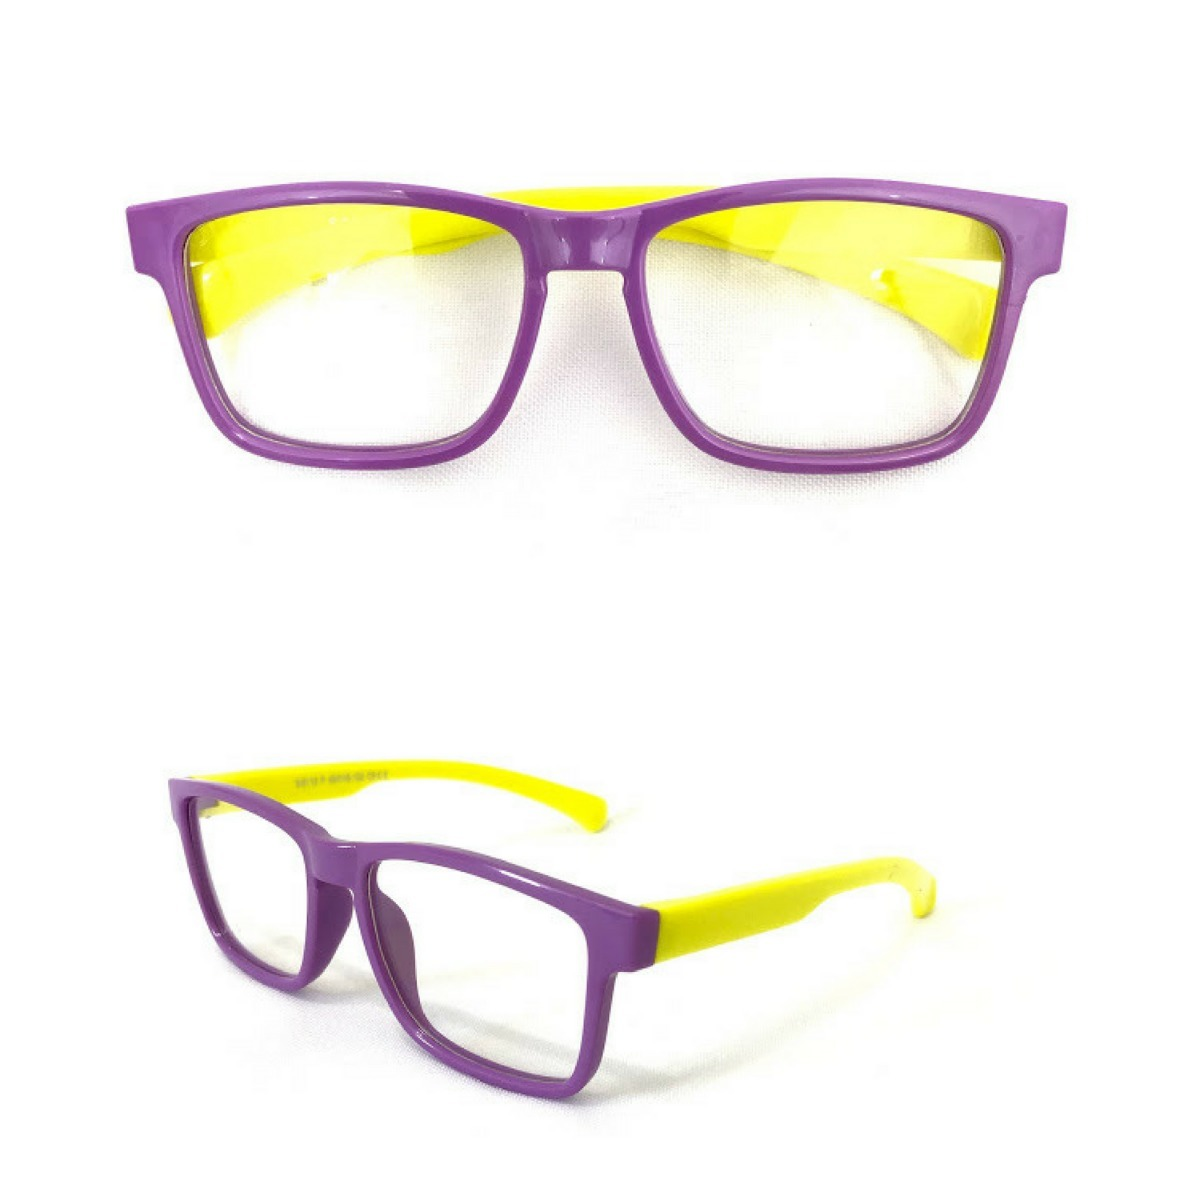 3097f6dcb armação óculos grau infantil flexível silicone menina s8113s. Carregando  zoom.